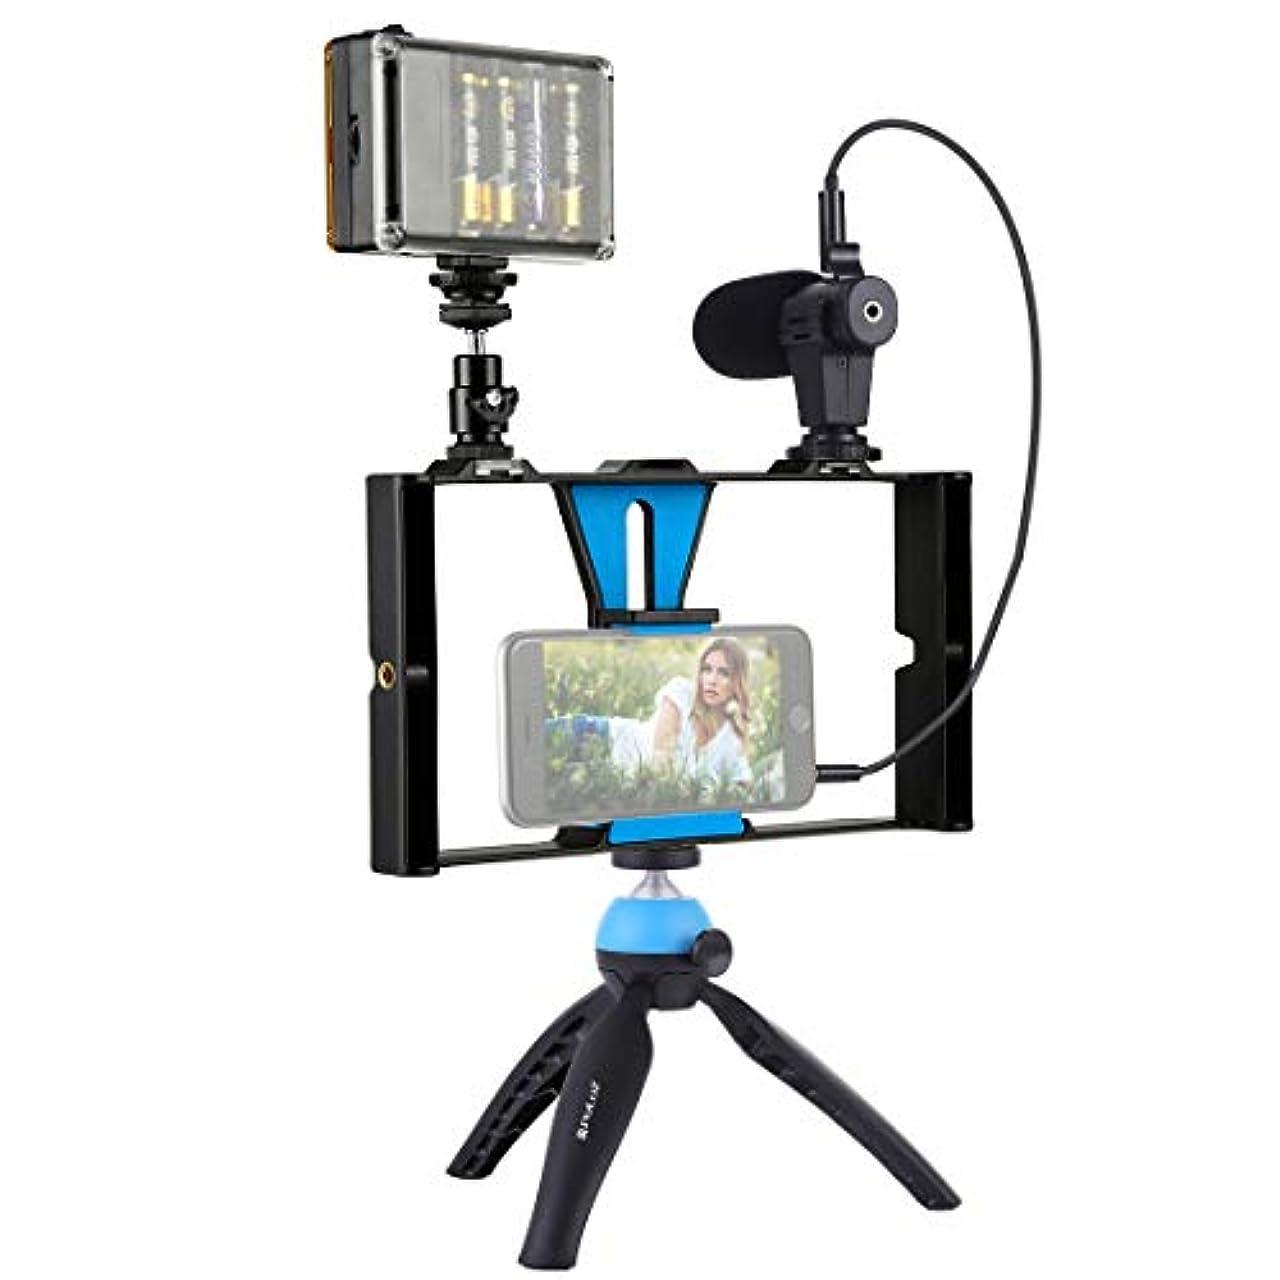 変形する絶滅運搬WSJ 4 in 1 ライブブロードキャスト LED セルフィーライト スマートフォンビデオリグキット マイク+三脚マウント+コールドシュー三脚ヘッド スマートフォン用 (ブルー)